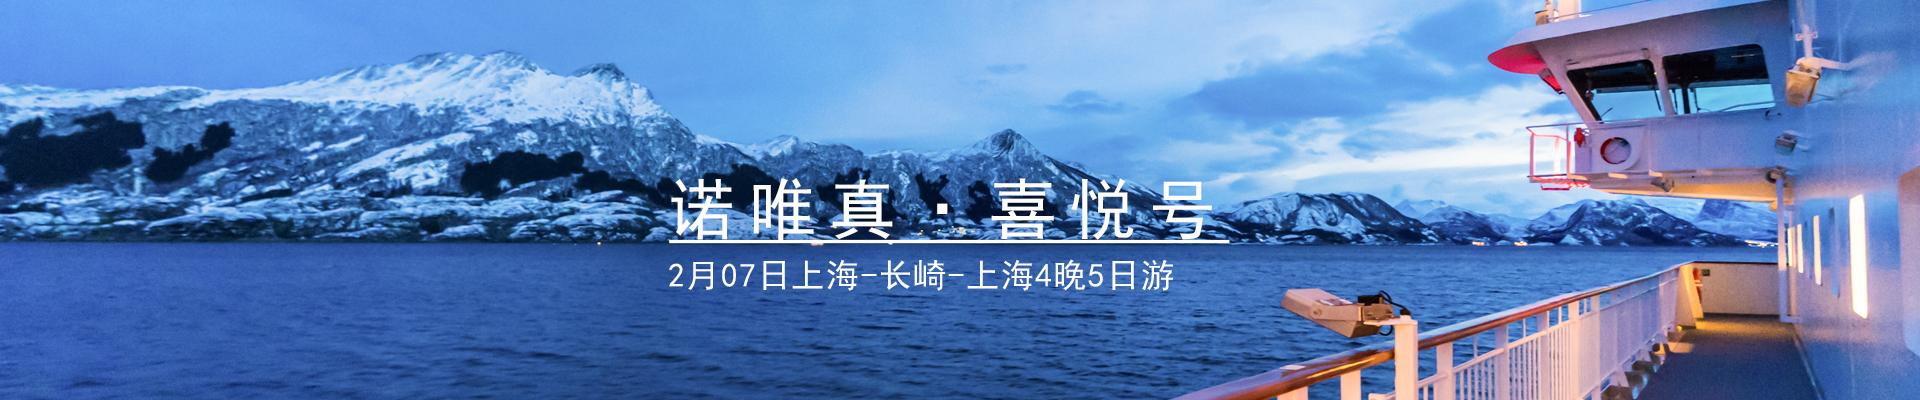 诺唯真喜悦号邮轮:2月07日上海-长崎-上海4晚5日游